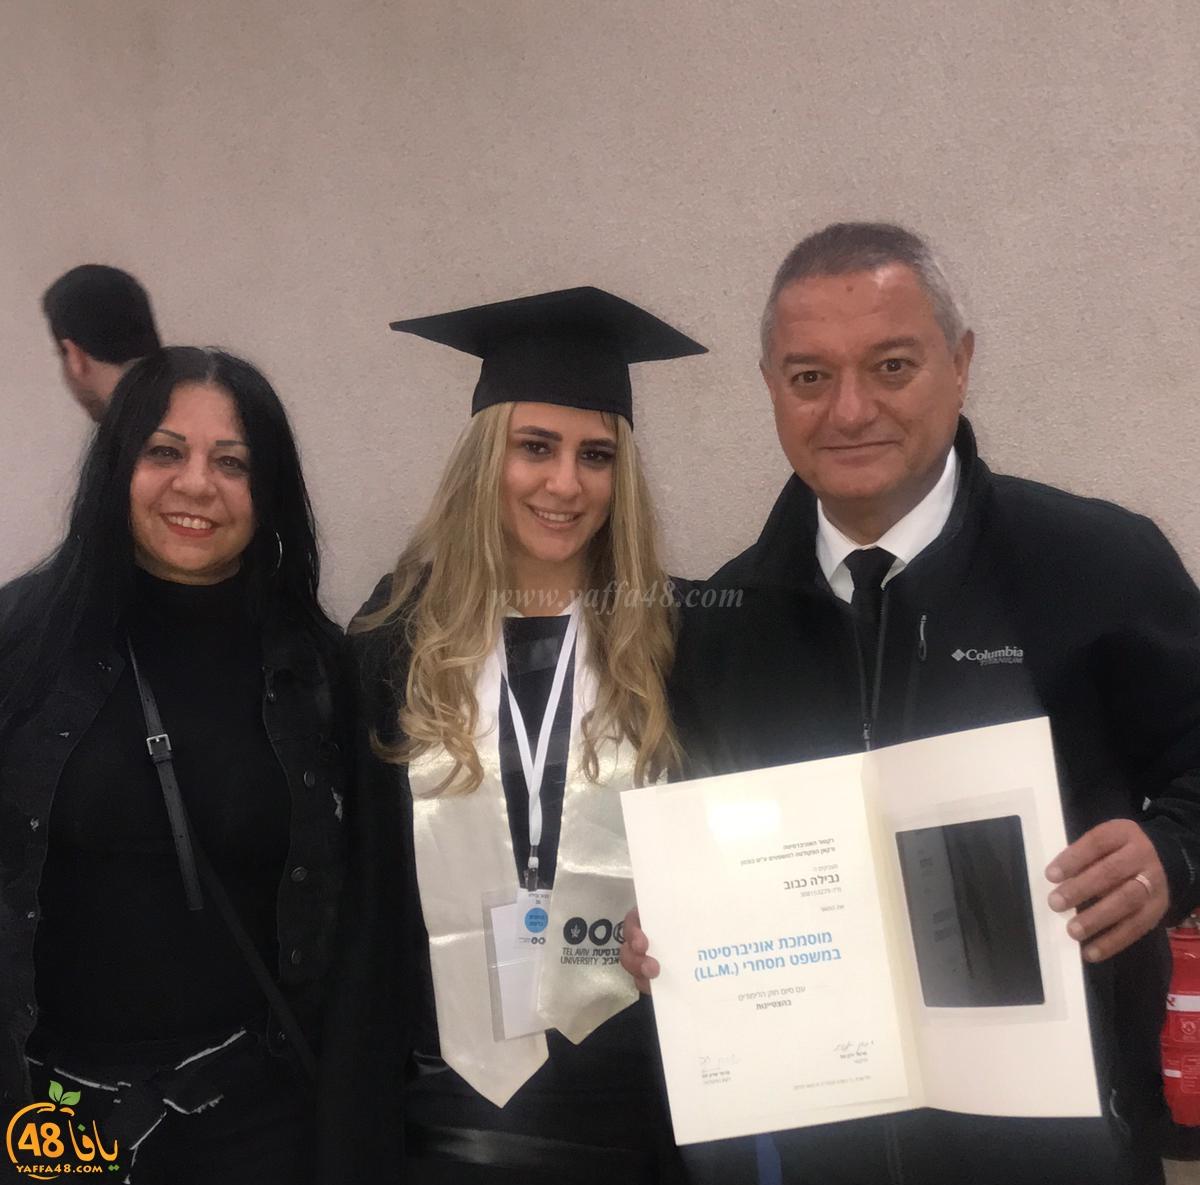 مبروك - حصول المحامية نبيلة خالد كبوب على اللقب الثاني بامتياز